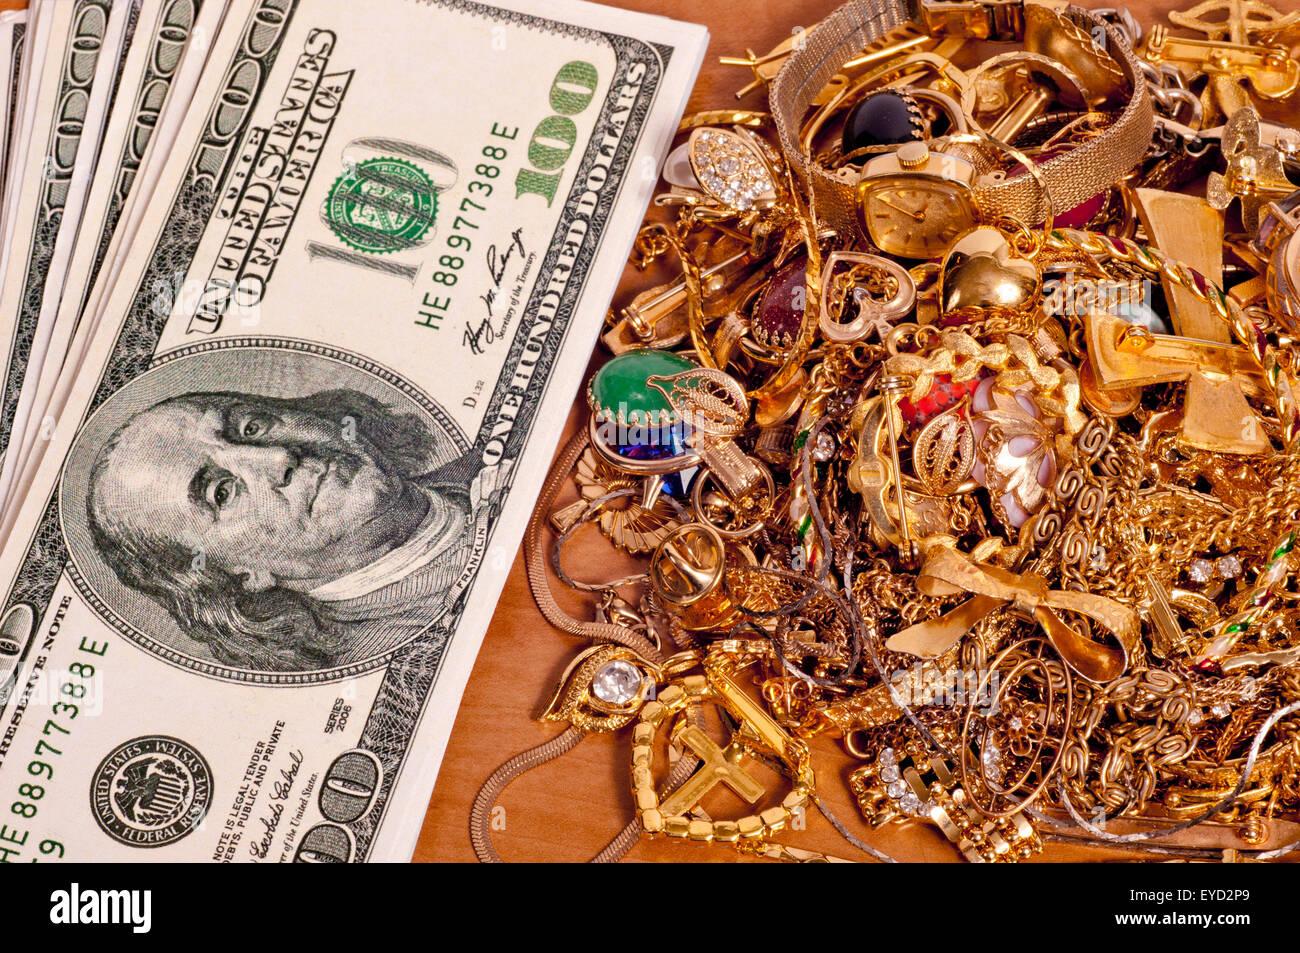 Faire de l'argent en vendant votre or indésirables et bijoux. Photo Stock